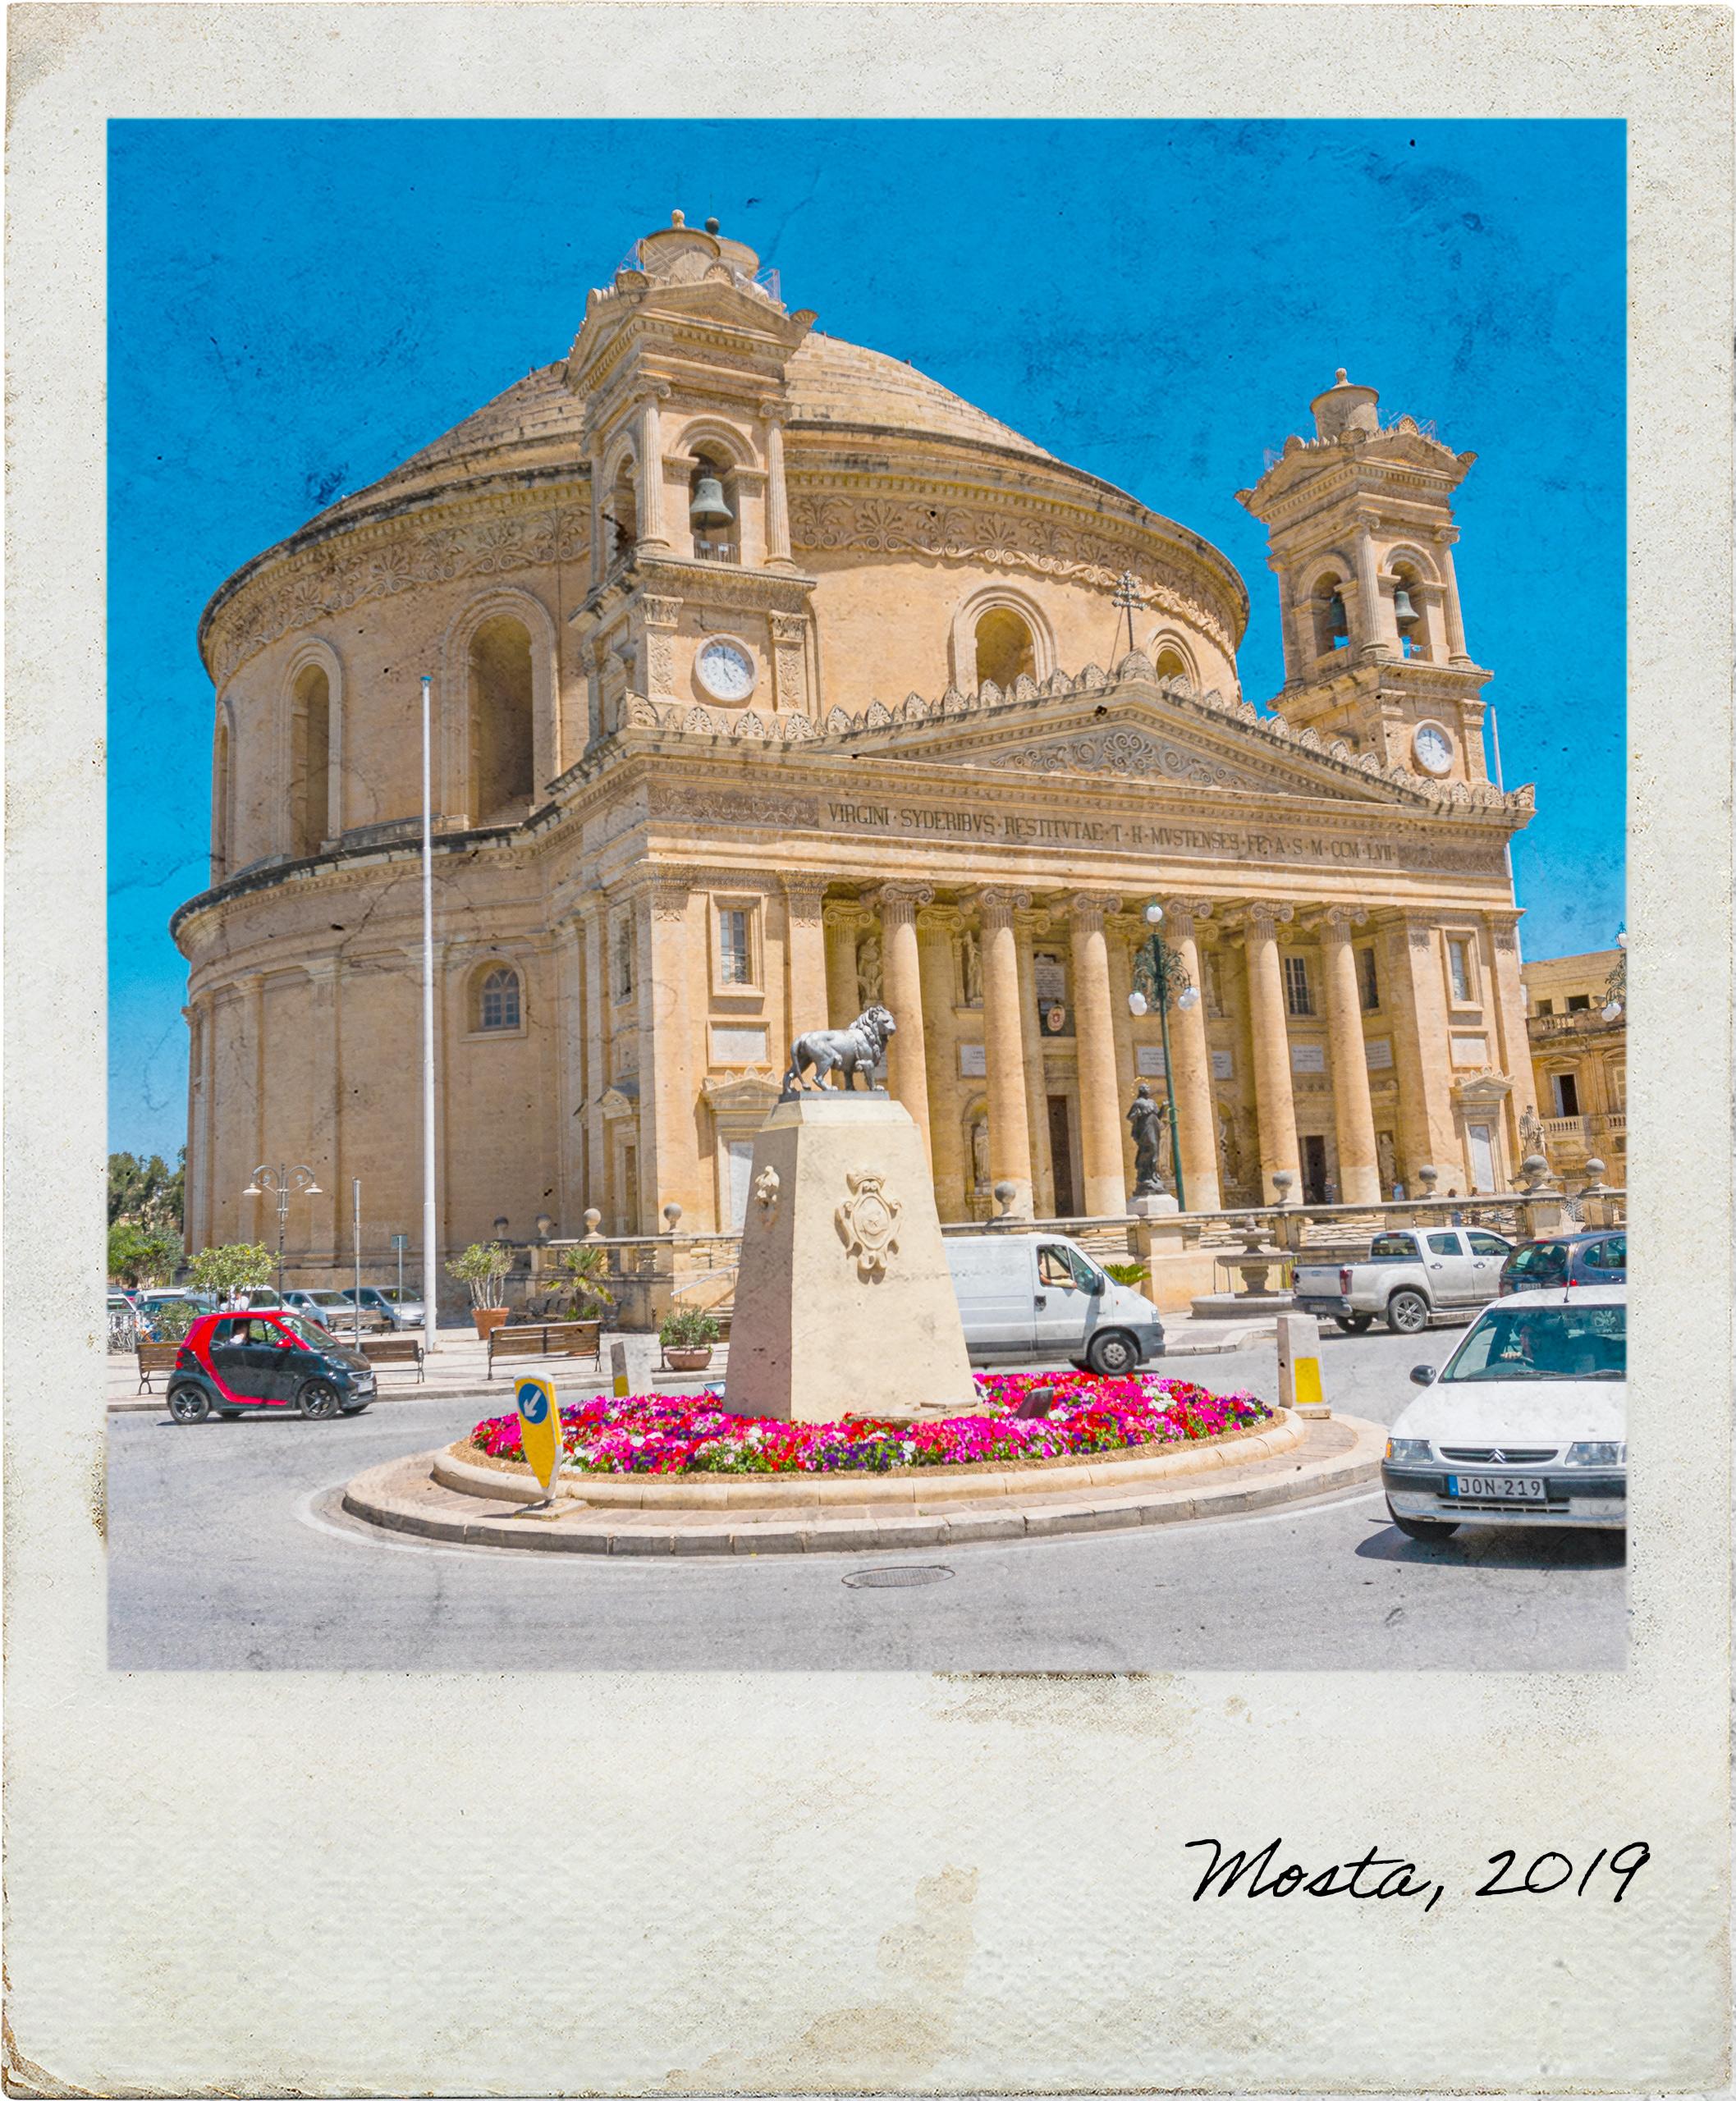 Vista frontal da Rotunda de Mosta